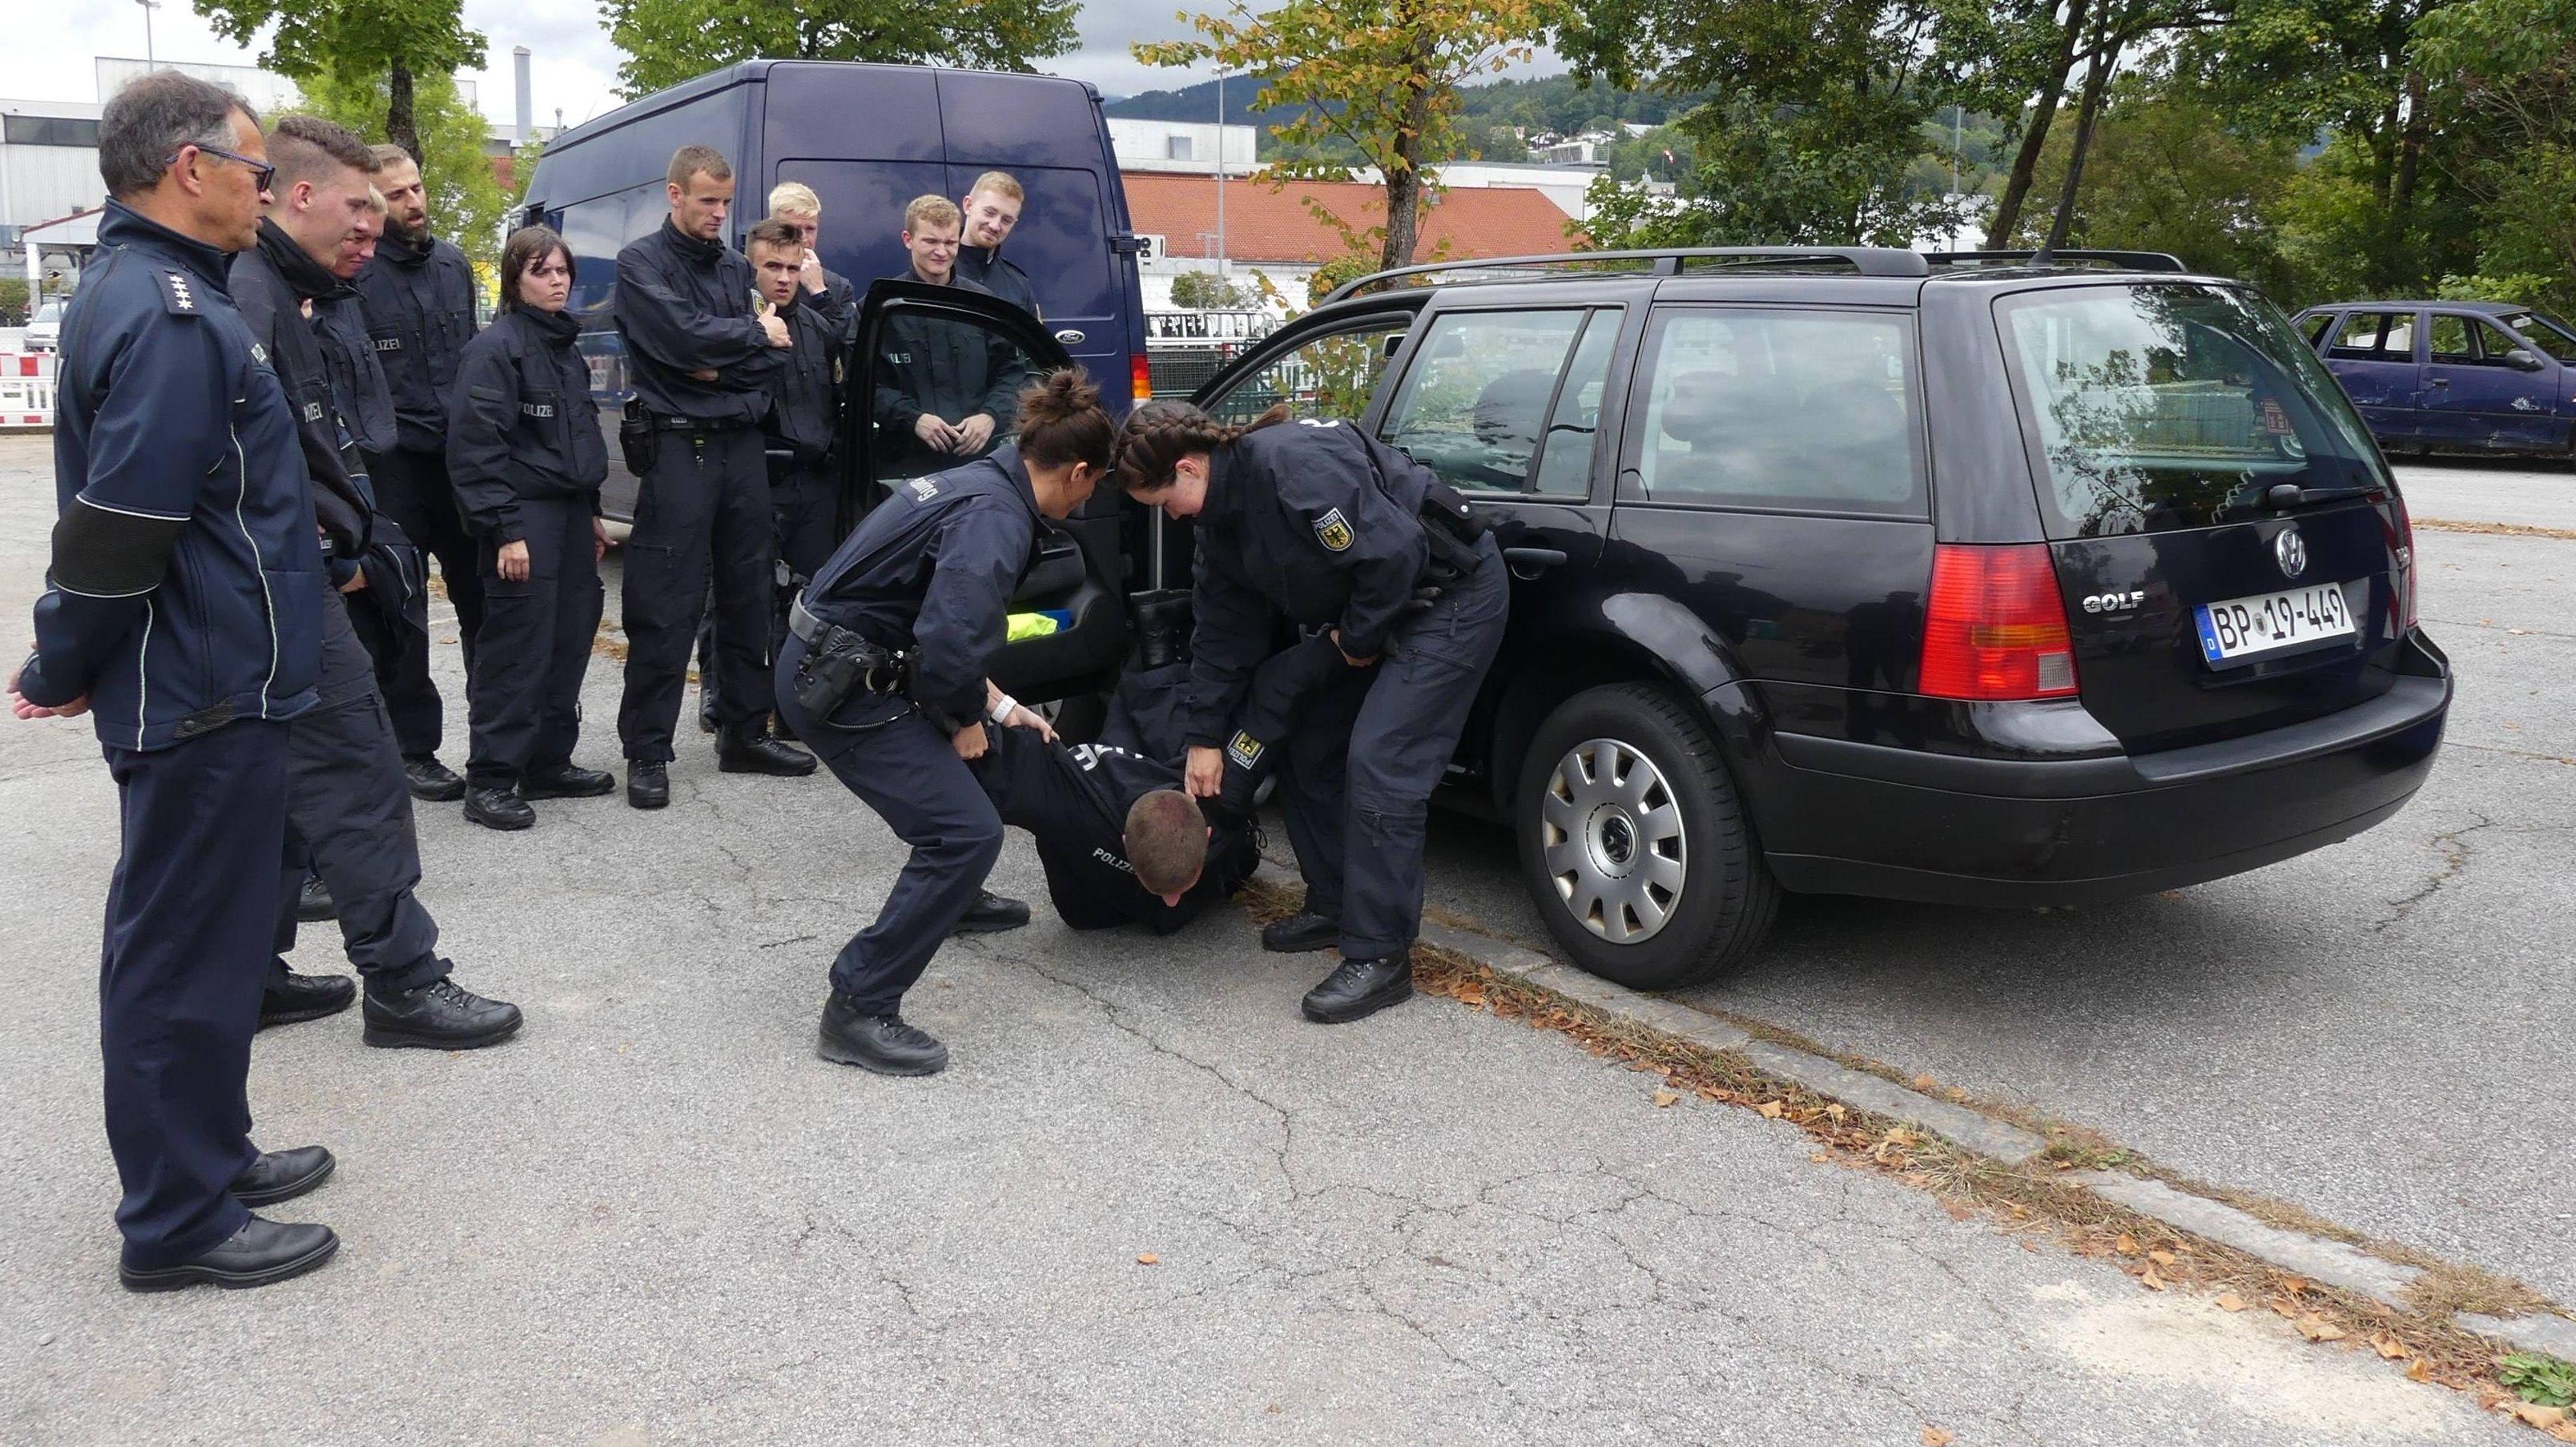 Das Verbringen von renitenten Personen aus Fahrzeugen wird unter dem prüfenden Blick von Polizeihauptkommissar Carsten Berkey  trainiert.